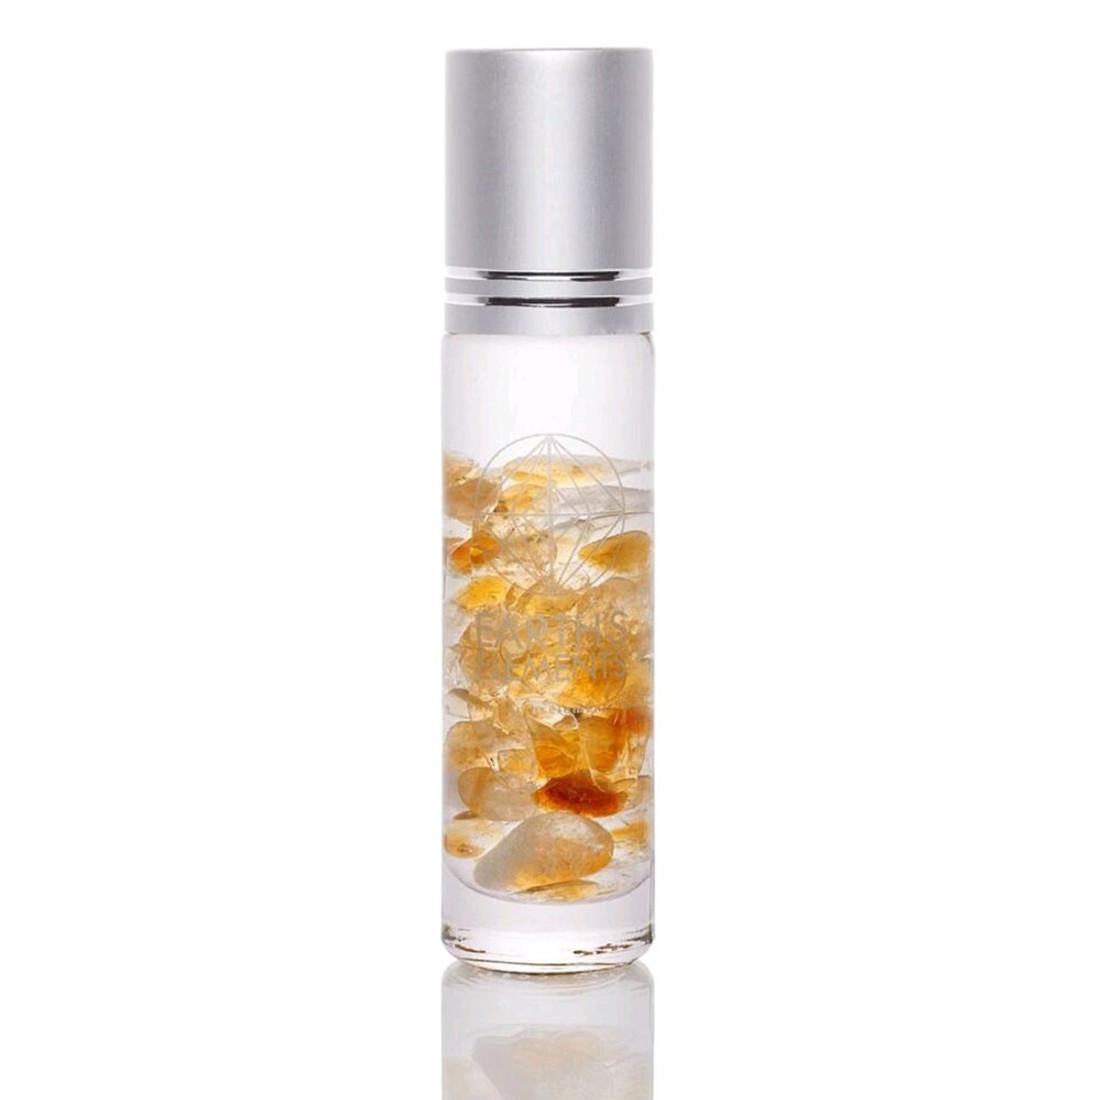 Abundance organic essential oil roll on.